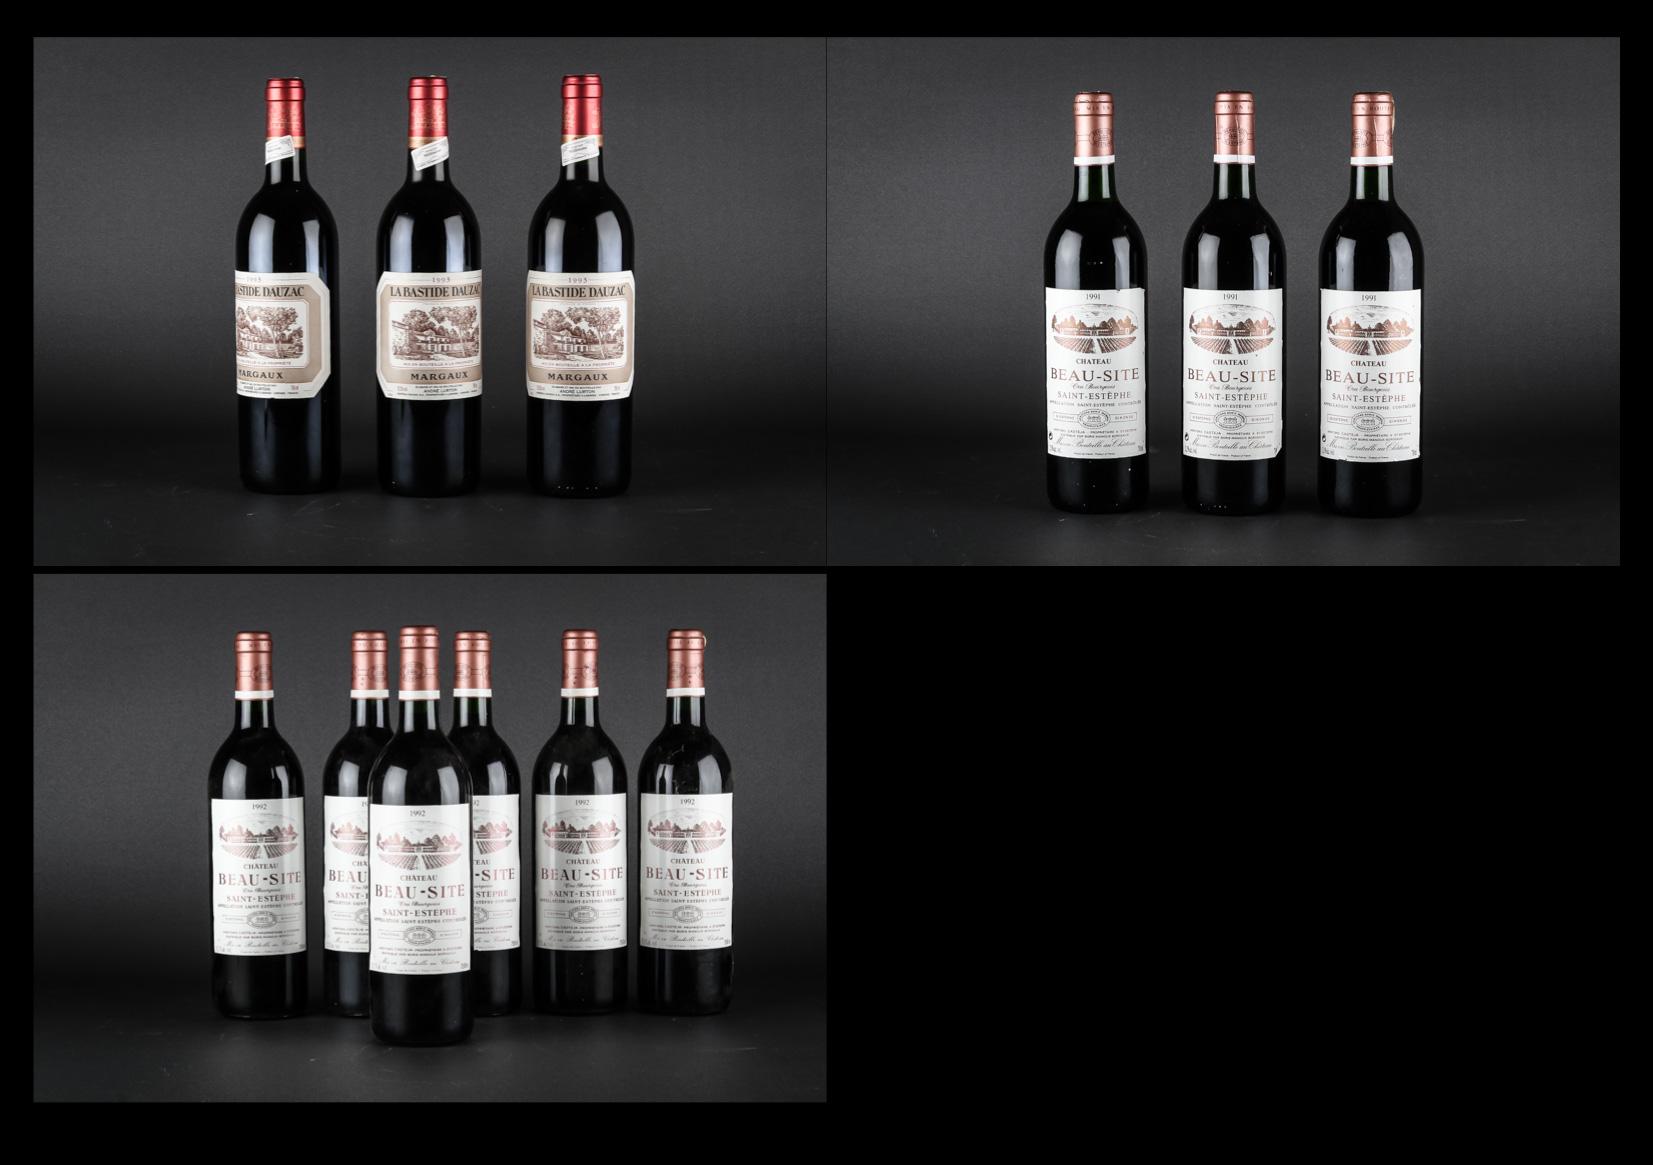 12 flasker moden Bordeaux - 12 flasker moden Bordeaux. Venstre Bred. 3 flasker La Bastide Dauzac 19936 flasker Chateau Beau-Site 19923 flasker Chateau Beau-Site 1991.Opbevaret korrekt siden frigivelse